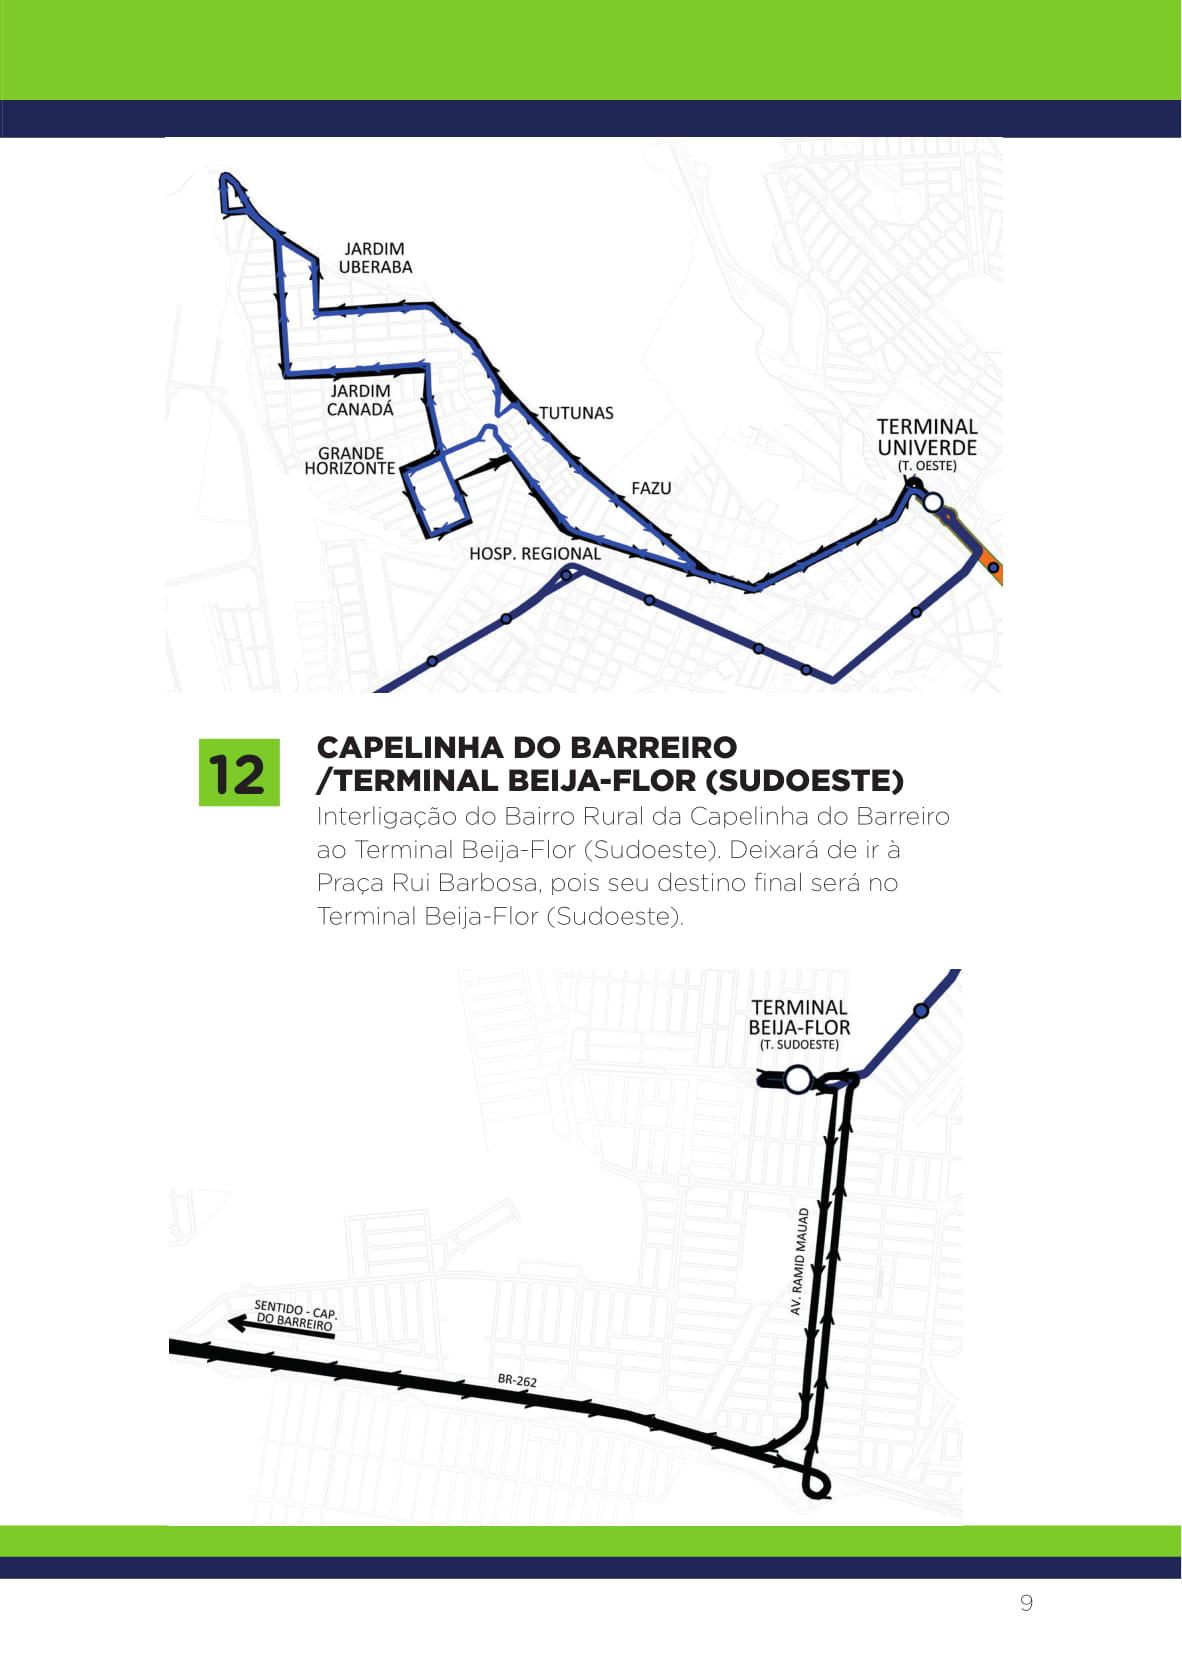 Manual_do_Usuario_BRT_Vetor-09